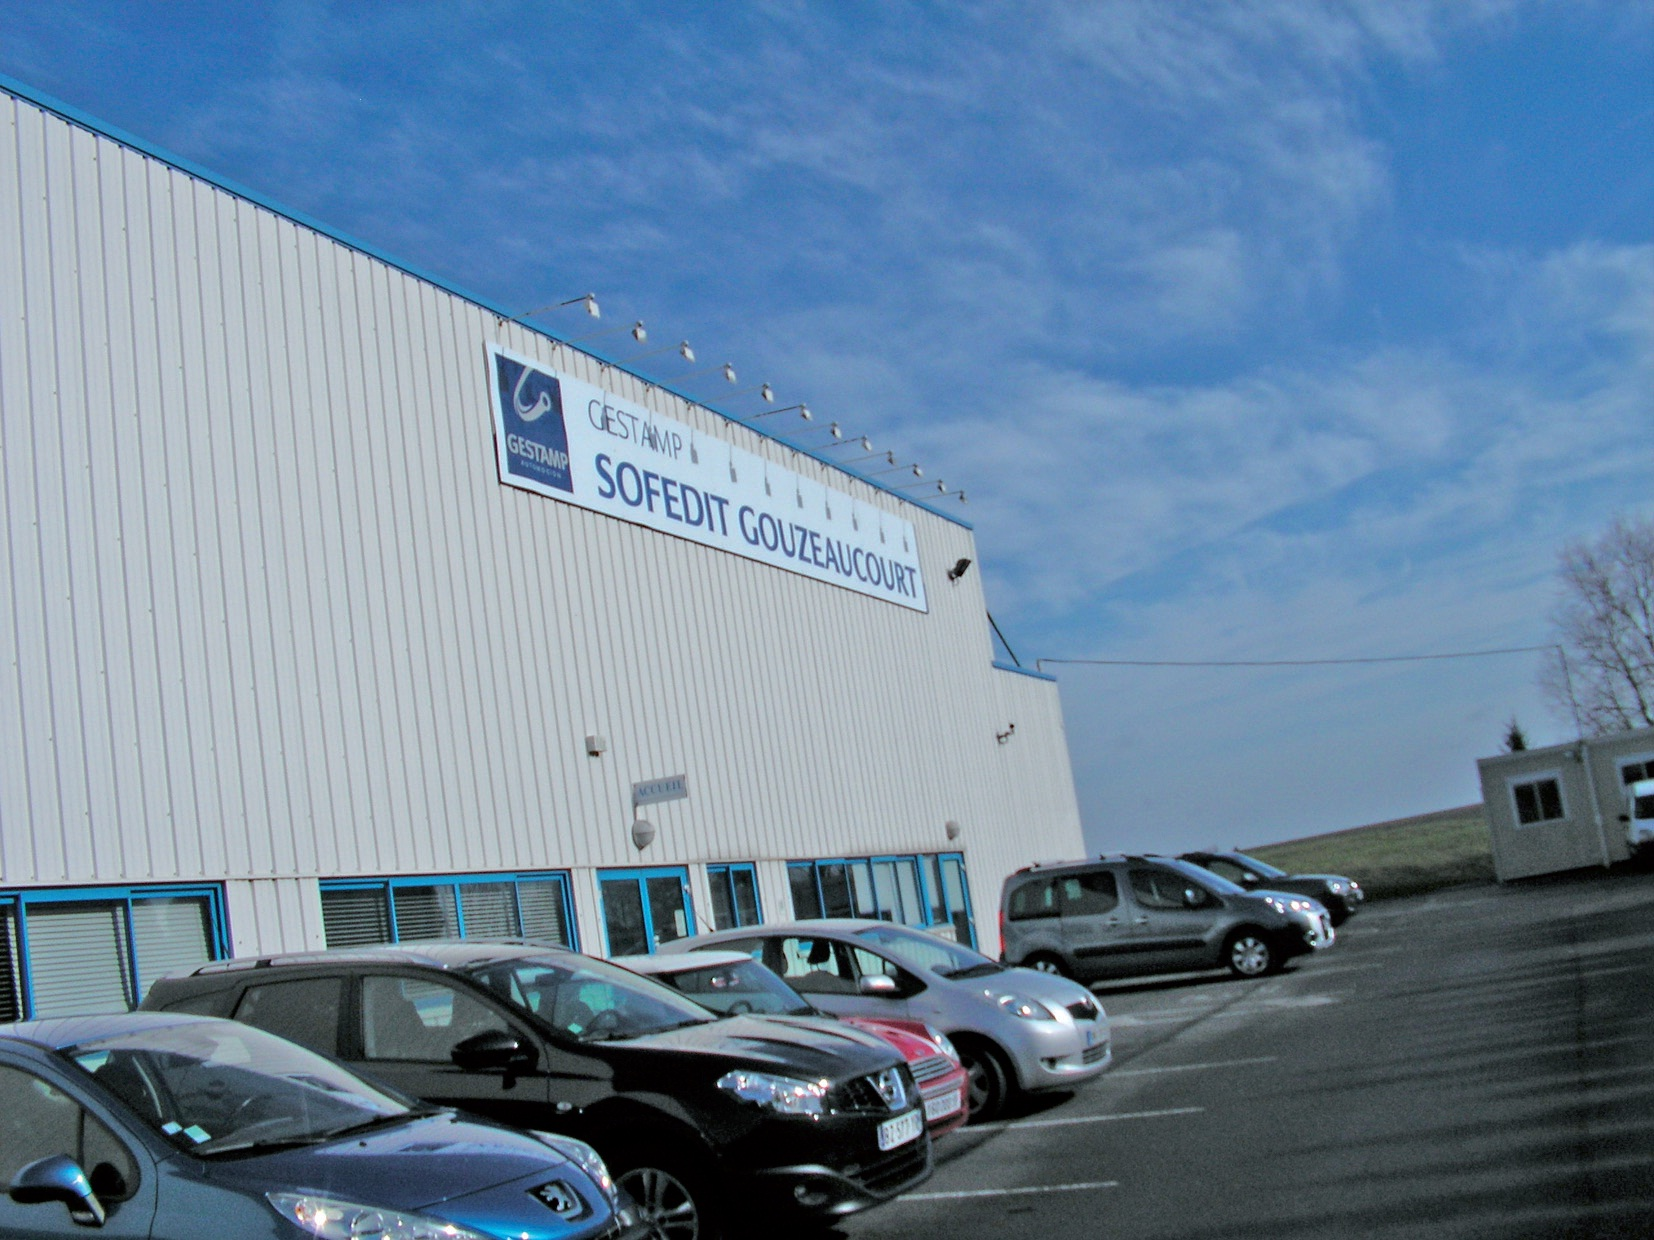 L'équipementier espagnol a repris le site (ainsi que trois autres sites Sofedit en France) en juillet 2011.